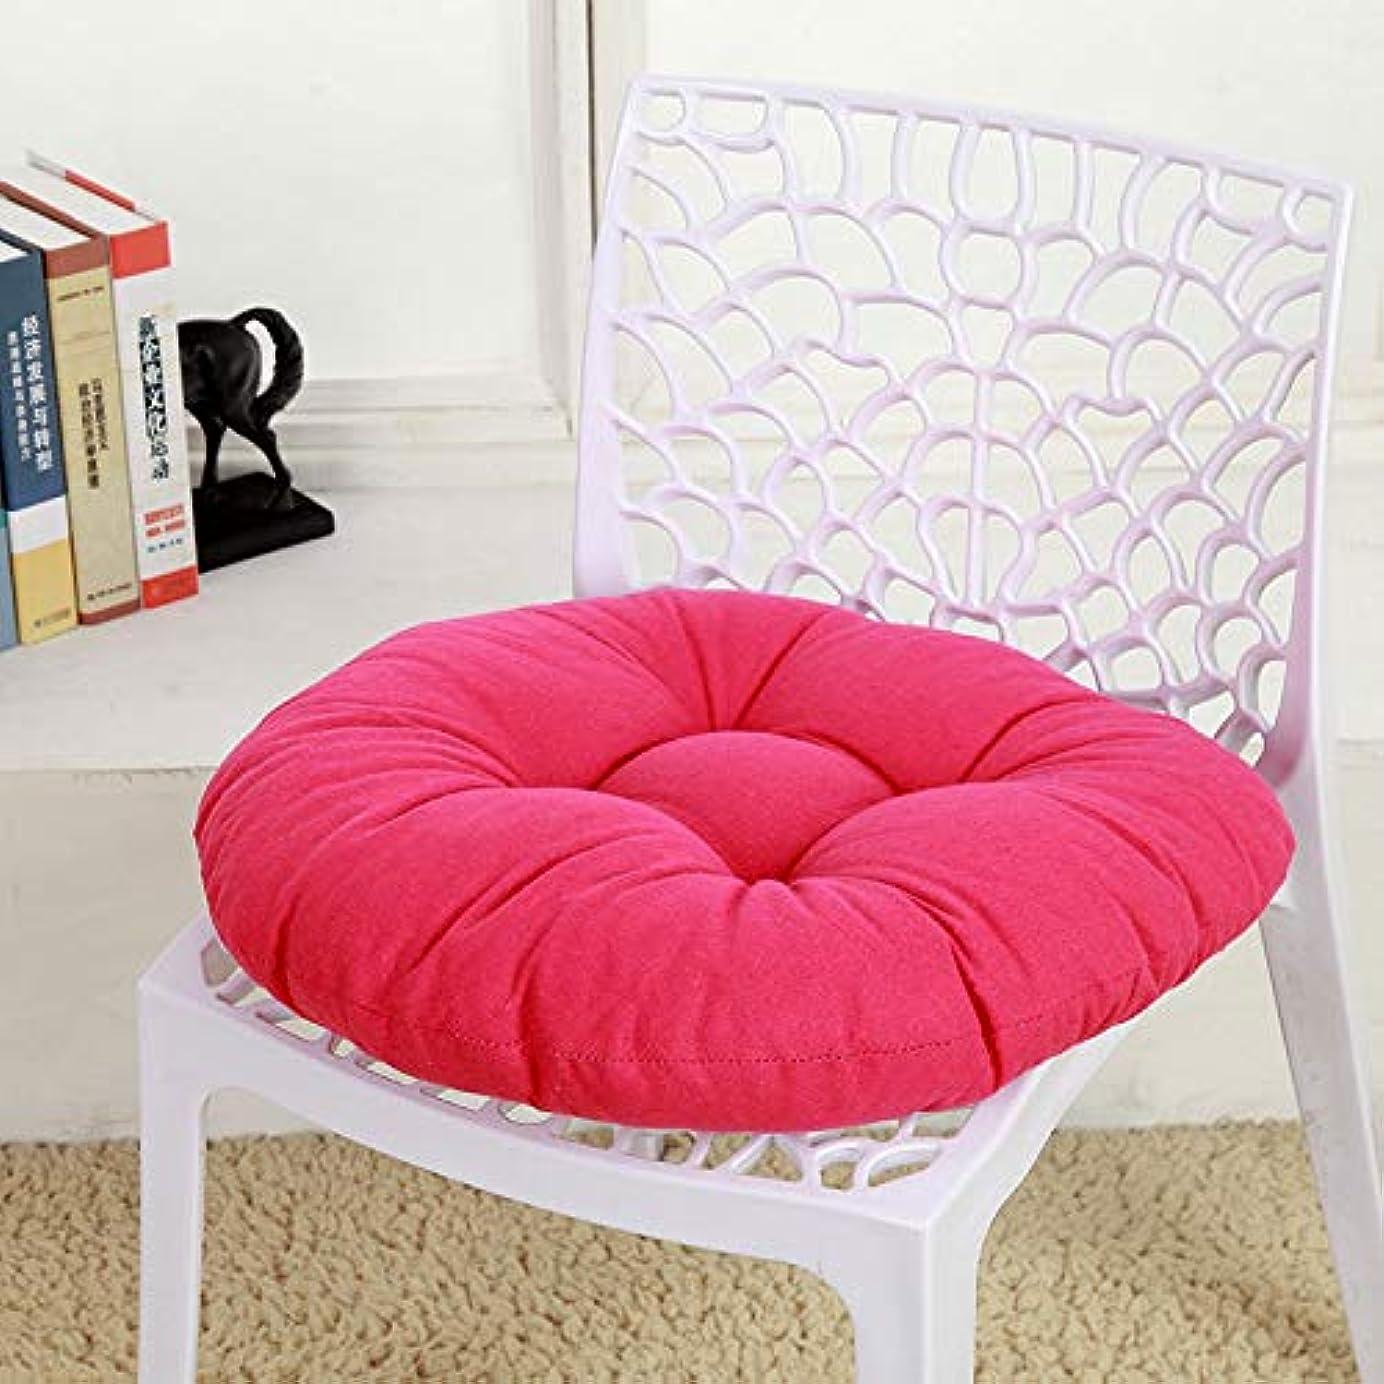 おっと牛エイリアスSMART キャンディカラーのクッションラウンドシートクッション波ウィンドウシートクッションクッション家の装飾パッドラウンド枕シート枕椅子座る枕 クッション 椅子